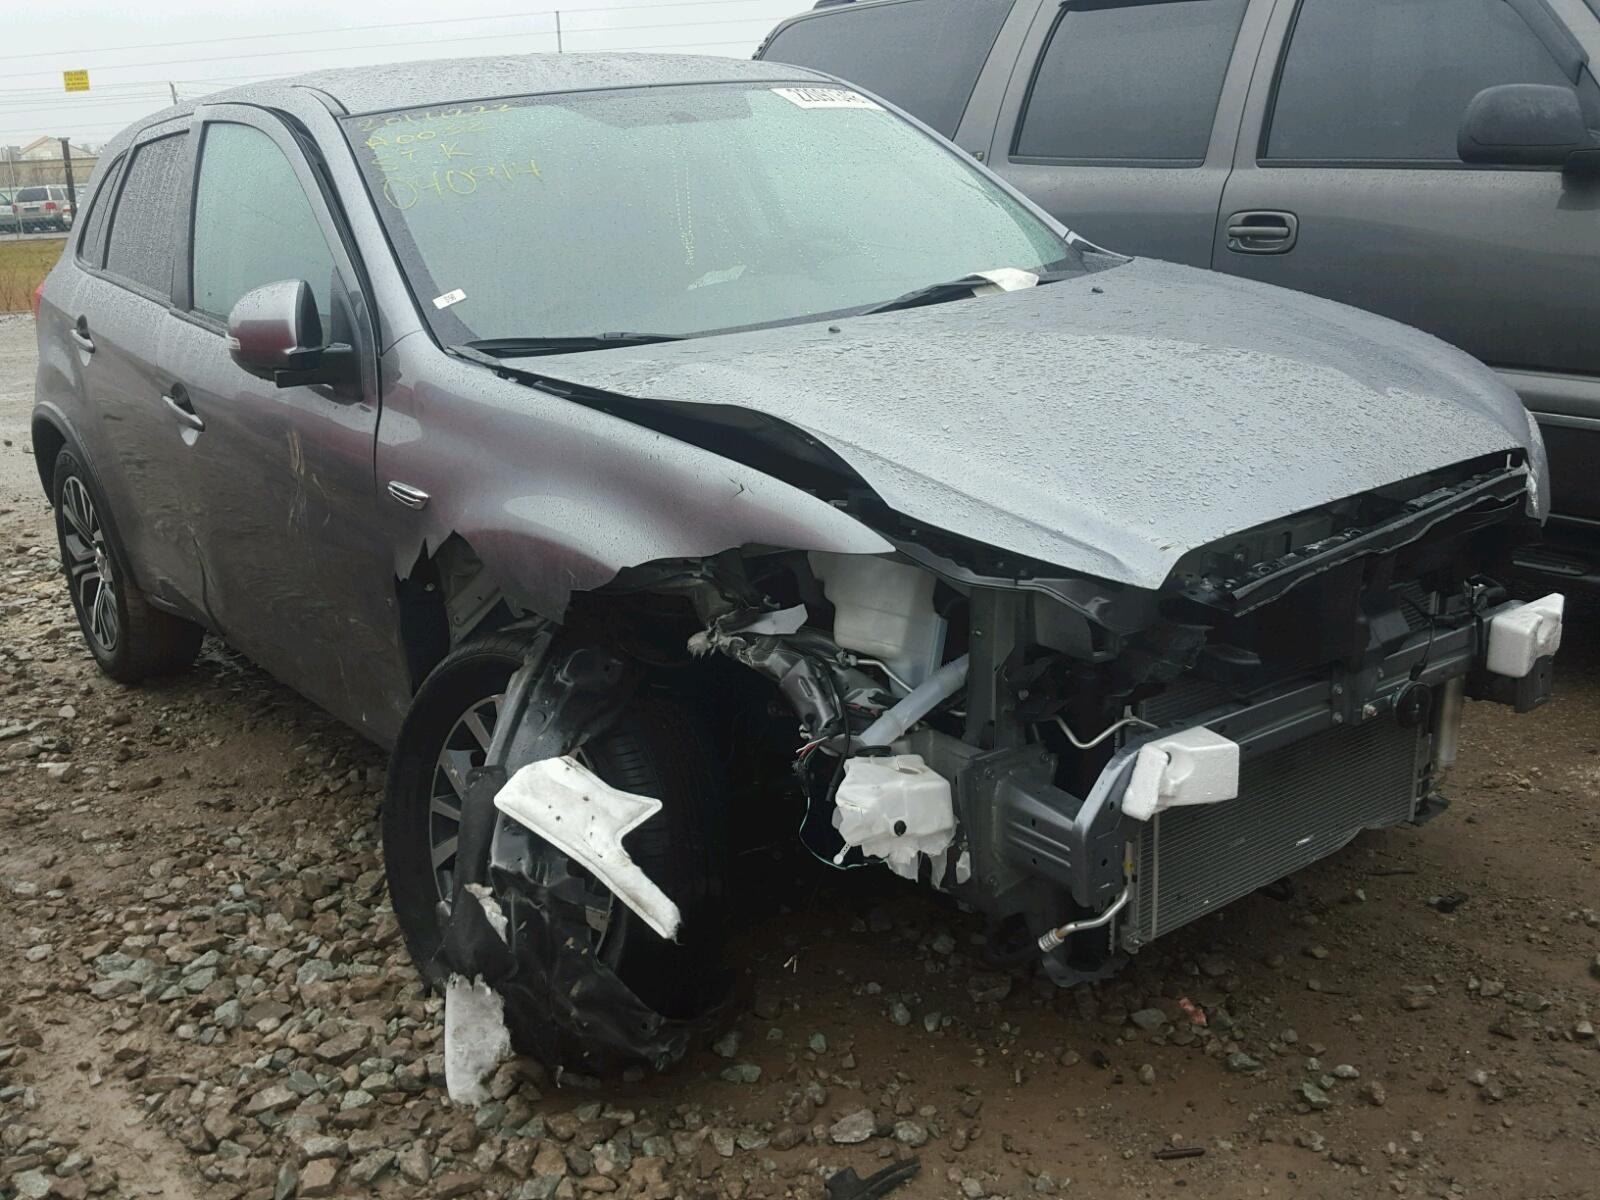 Mobile auto repair in jacksonville fl 11